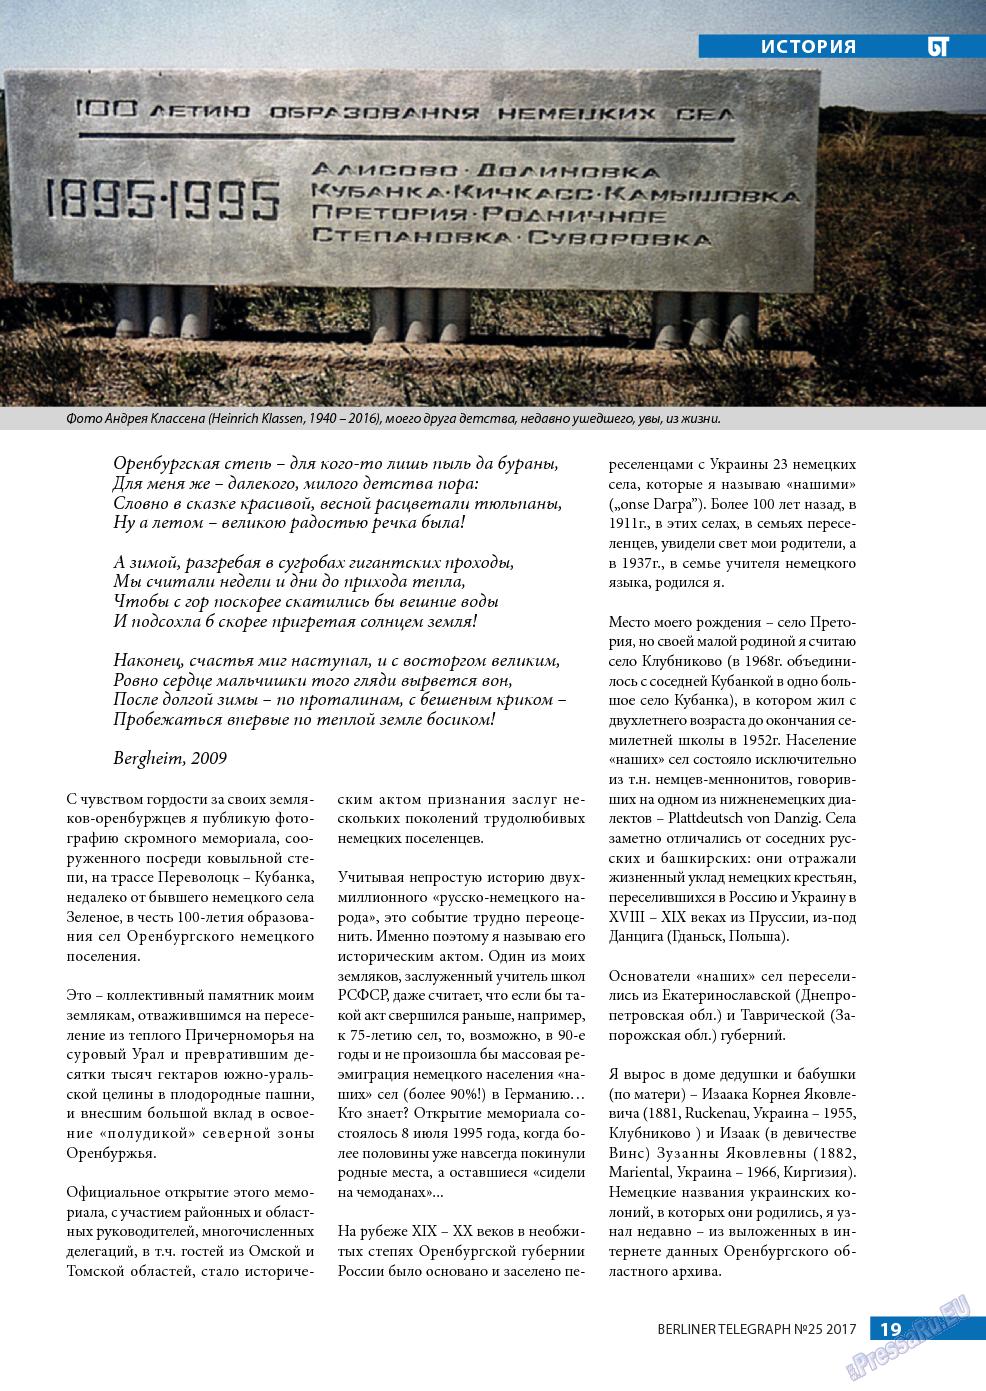 Берлинский телеграф (журнал). 2017 год, номер 25, стр. 19